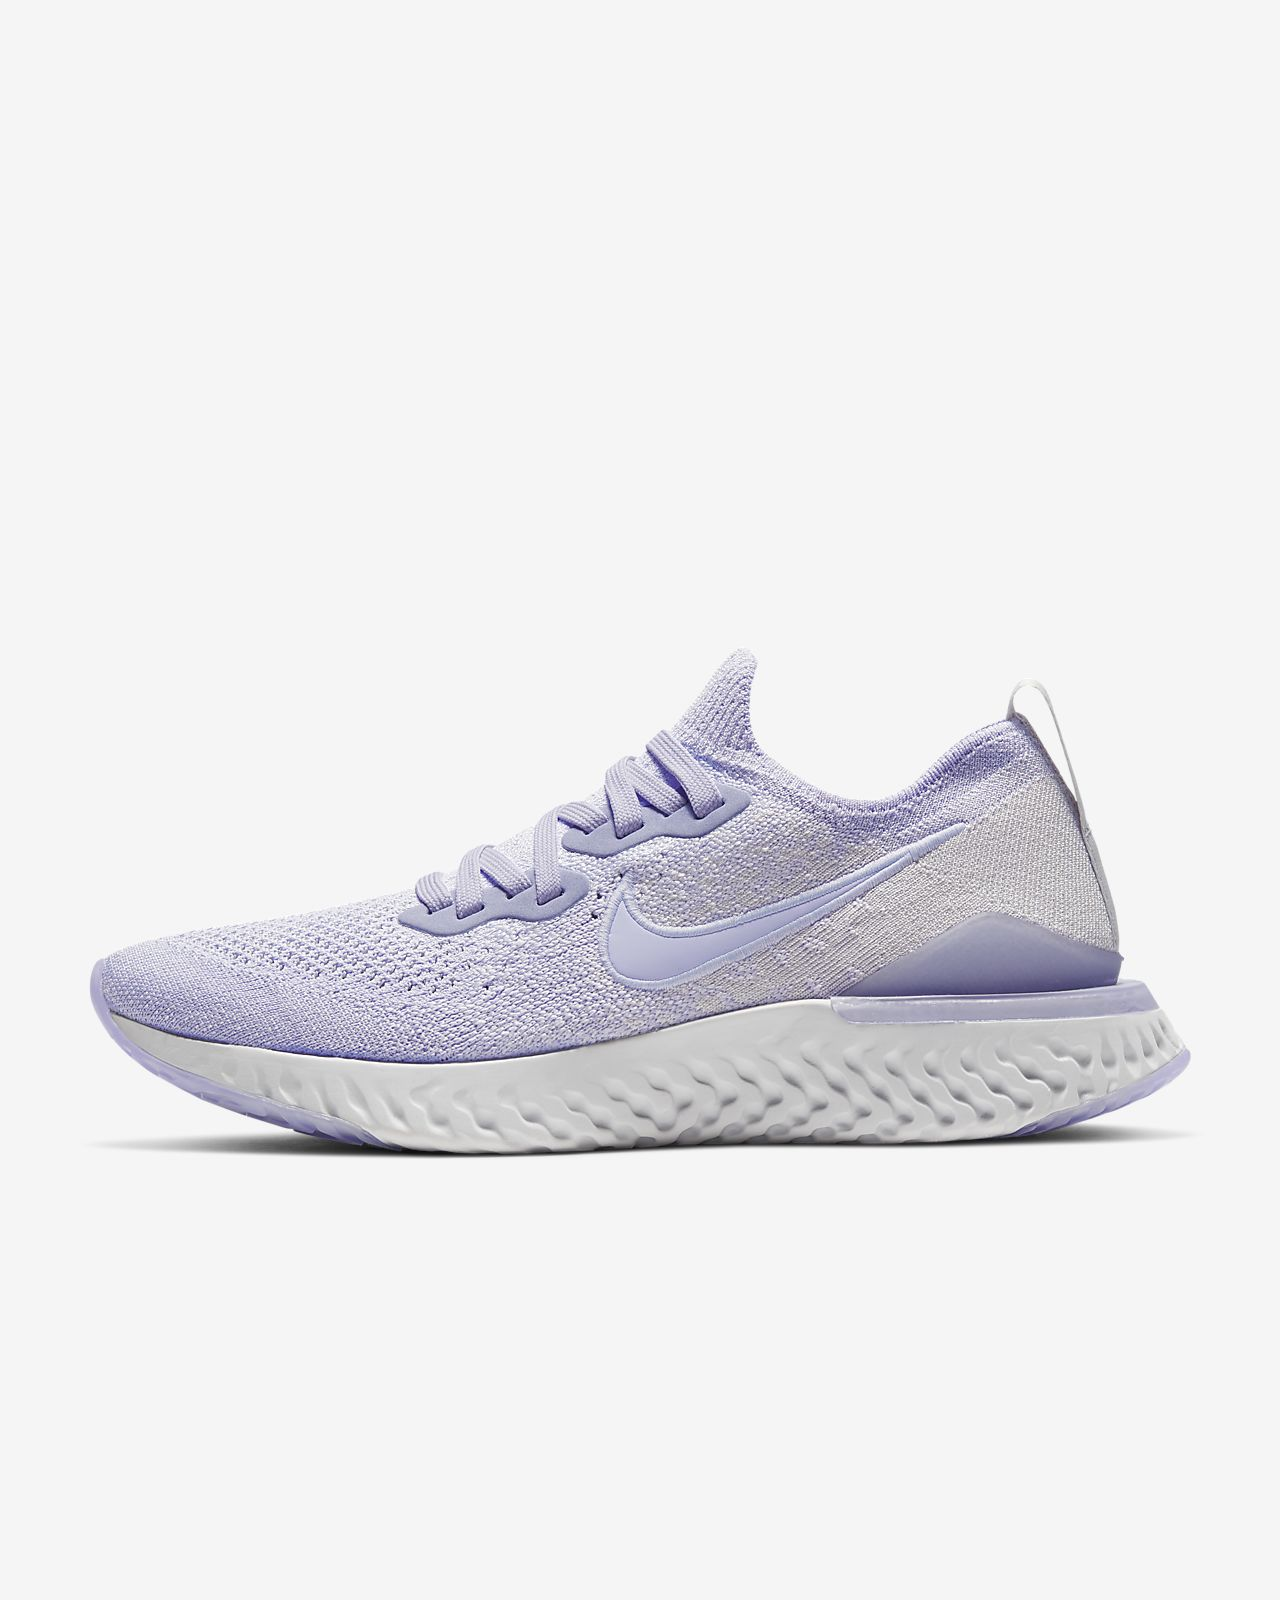 Γυναικείο παπούτσι για τρέξιμο Nike Epic React Flyknit 2